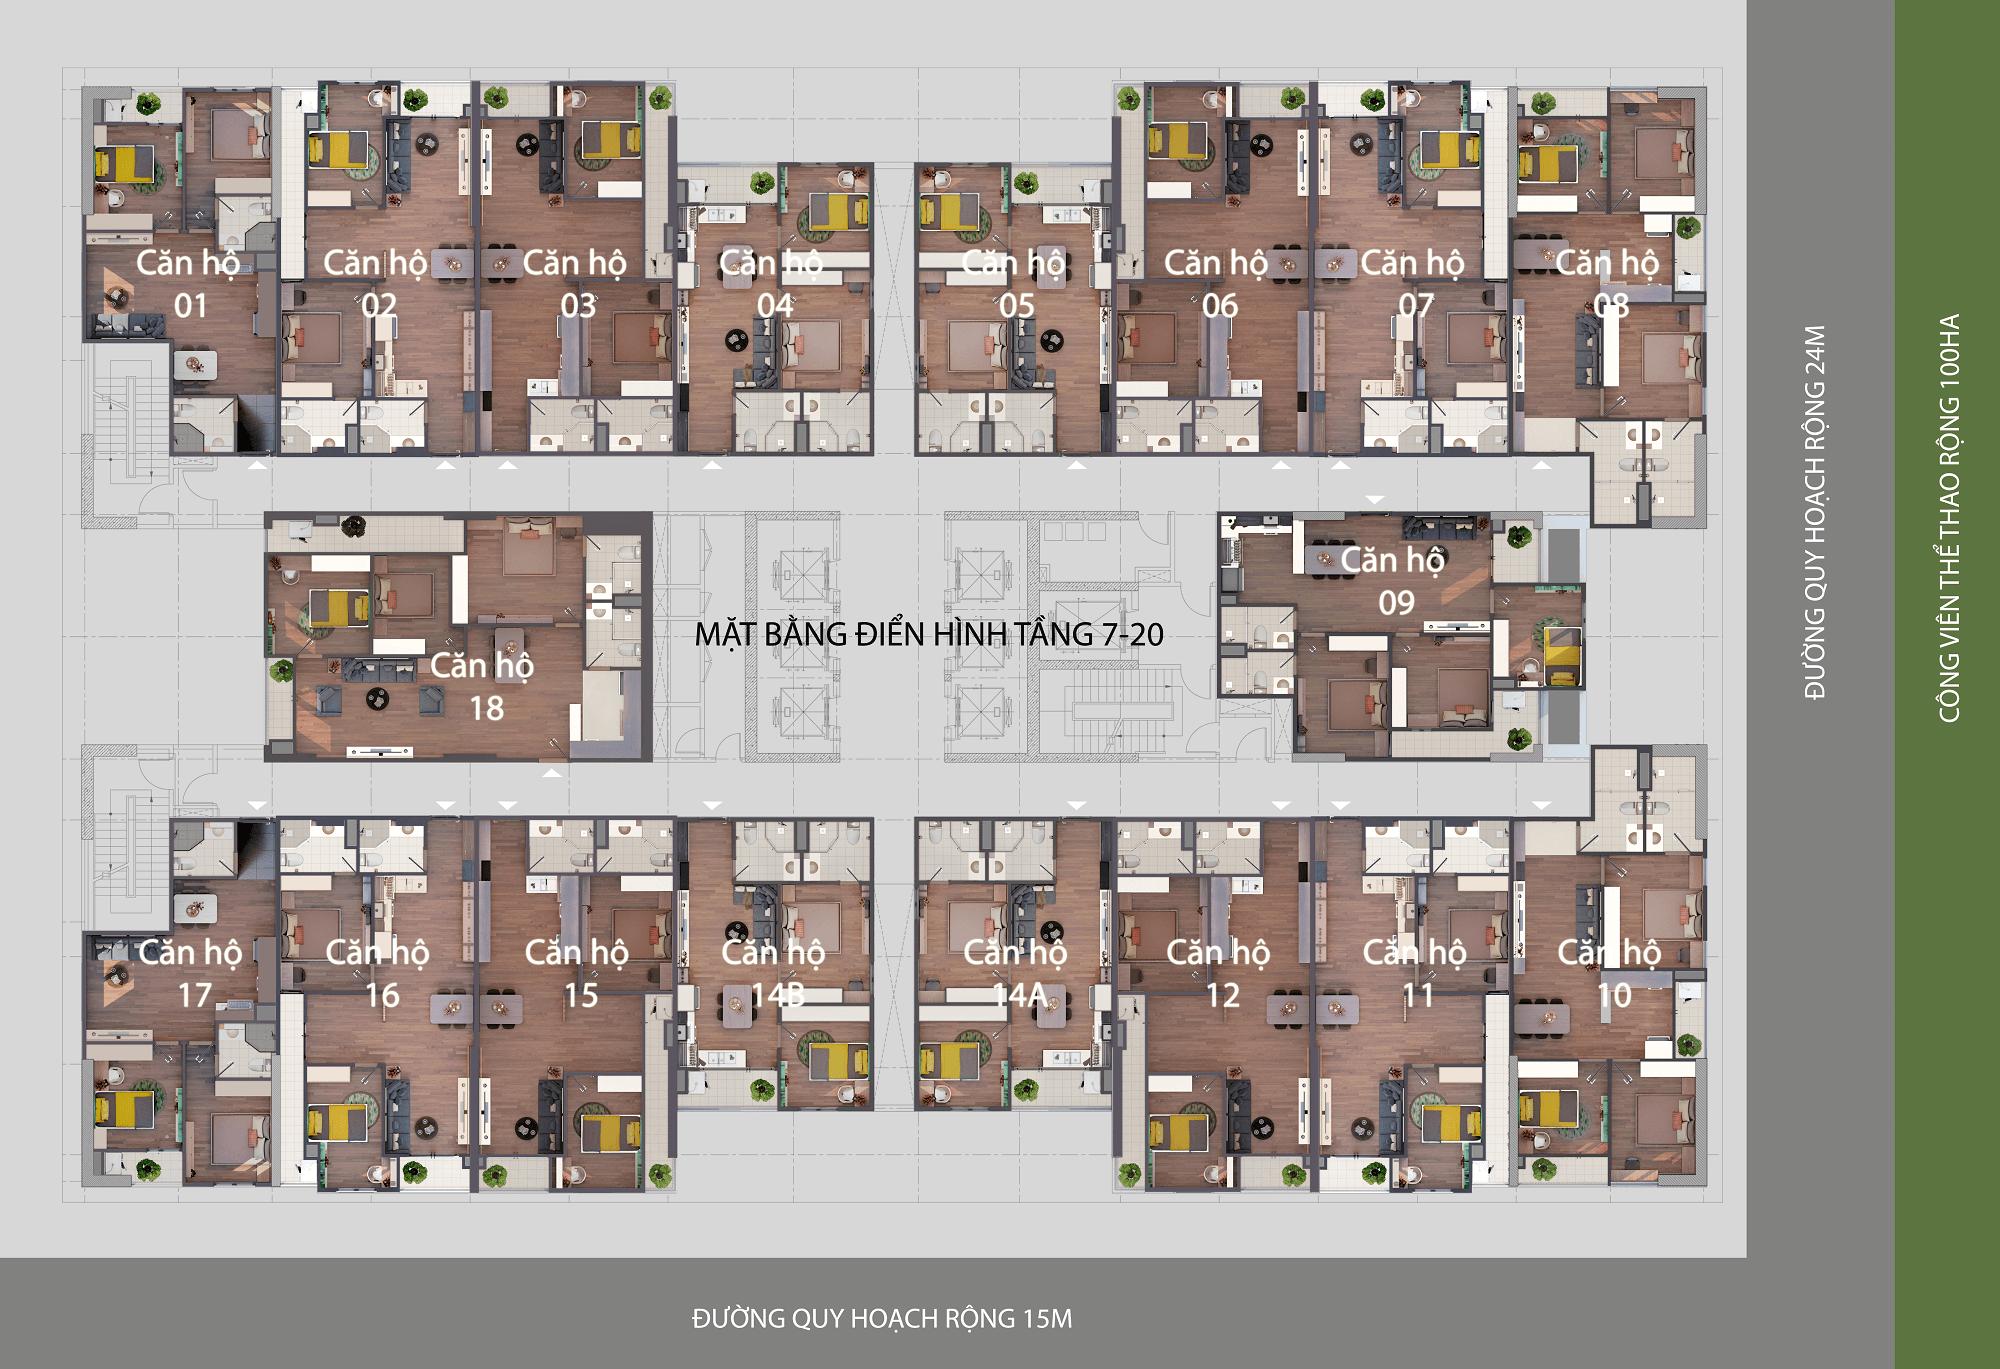 mặt bằng chung cư phú thịnh green park tầng 7-20